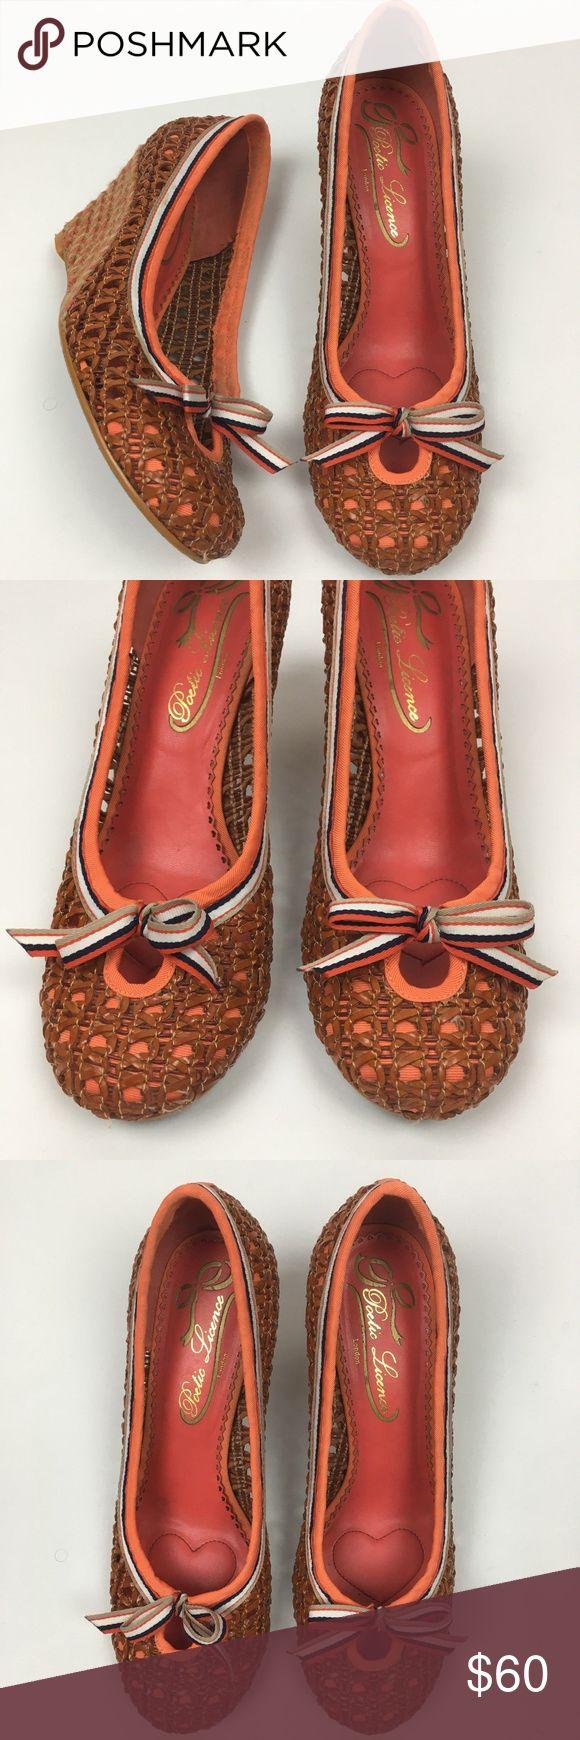 """Poetic Licence """"Wonder About"""" Wedge Sandal Heels Poetic Licence London """"Wonder About"""" Multi-Color Wedge Sandal Heels Sz 8.5 Women Poetic License Shoes Wedges"""